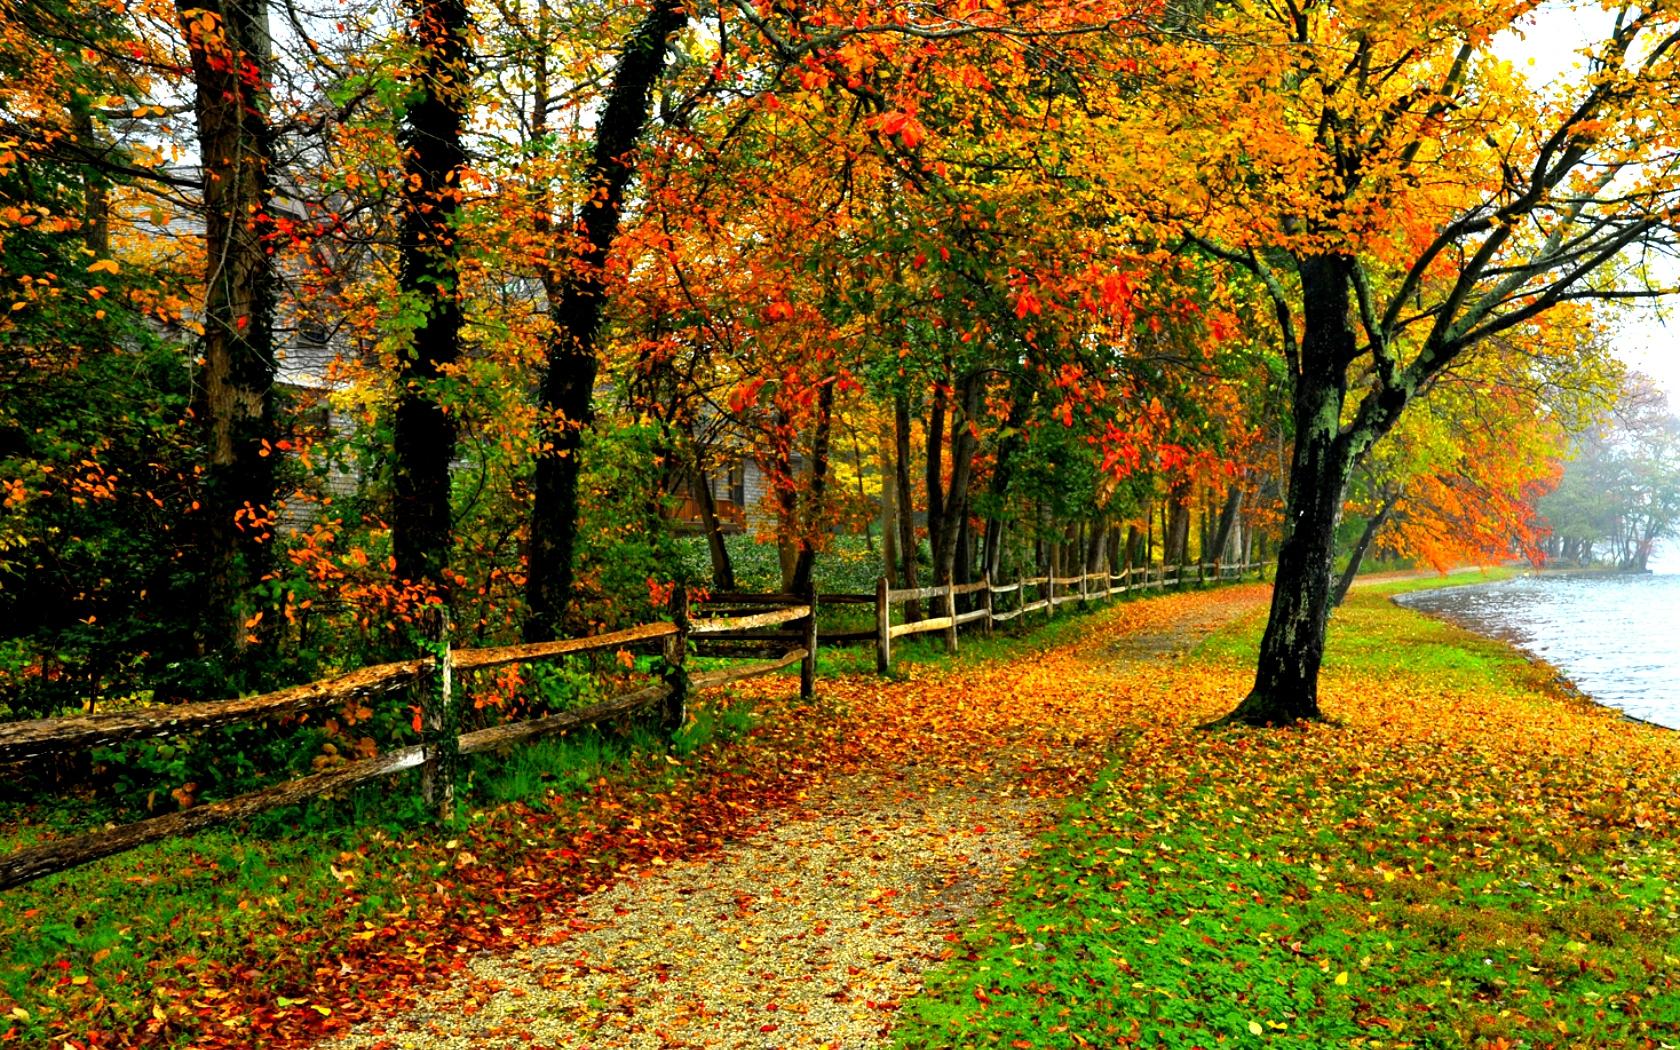 1680x1050 Fall Colors Wallpaper Download